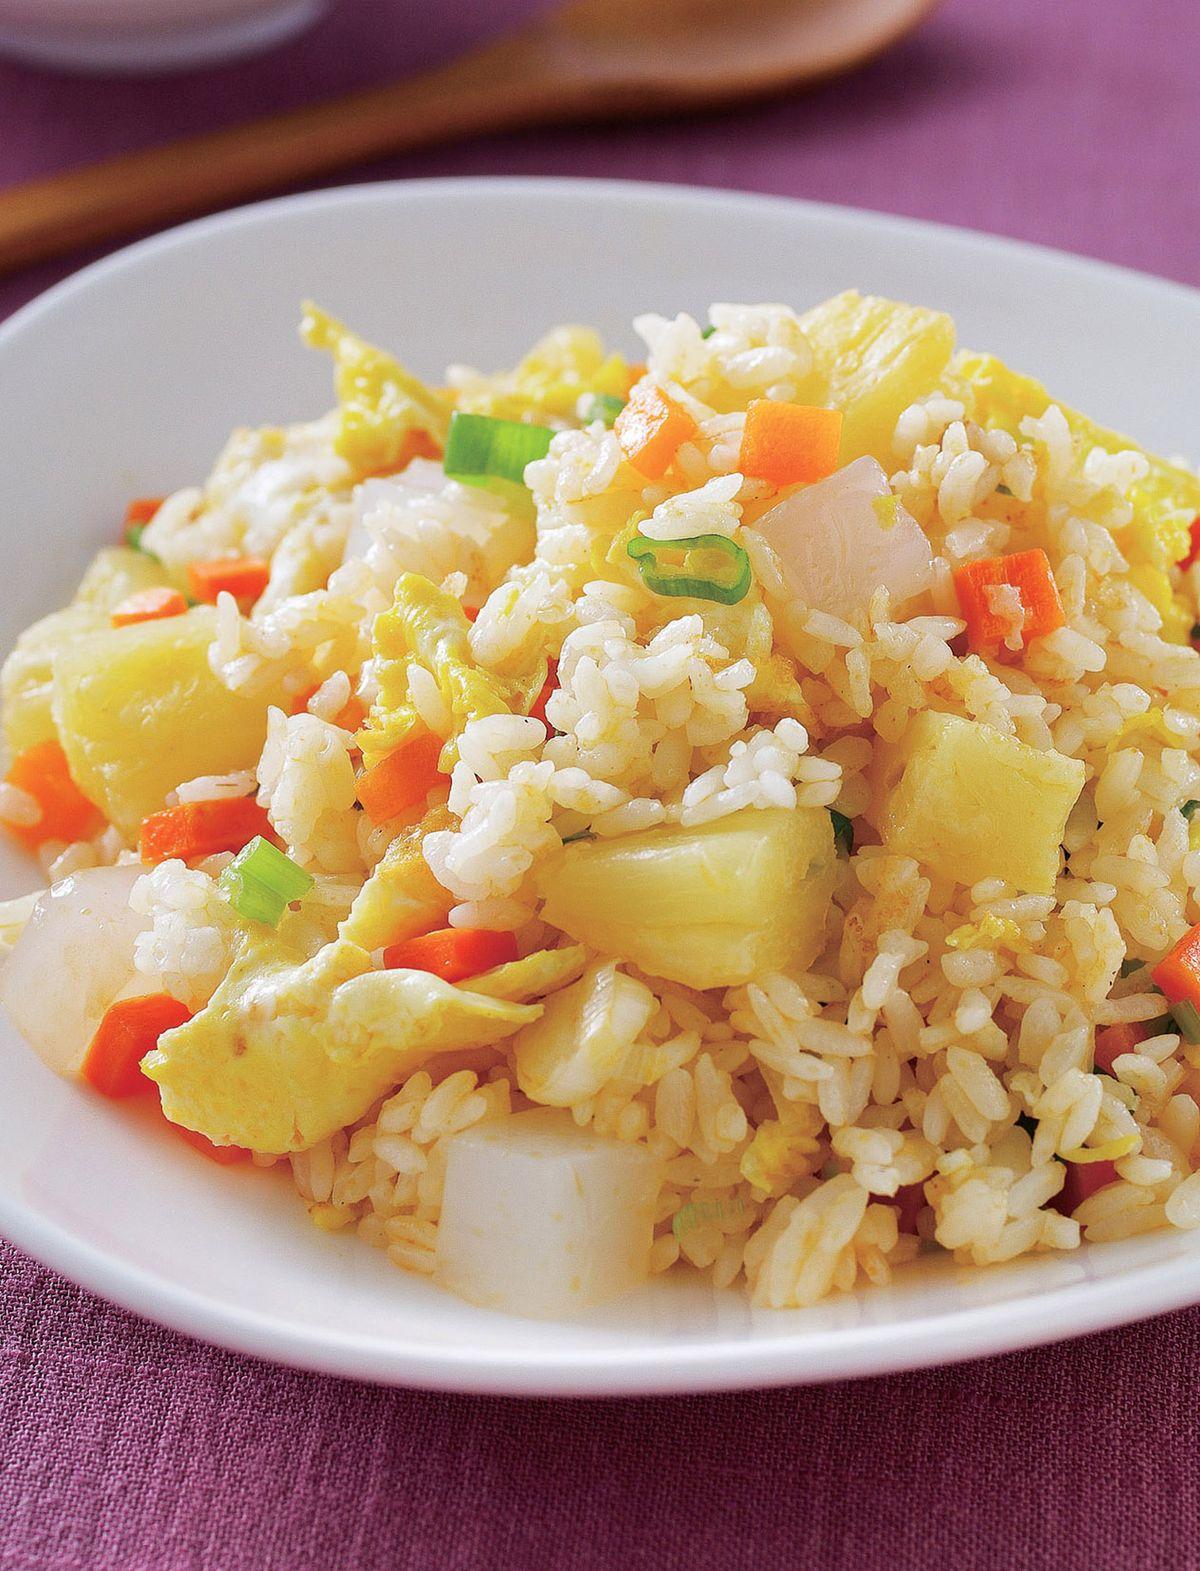 食譜:泰式鳳梨炒飯(1)